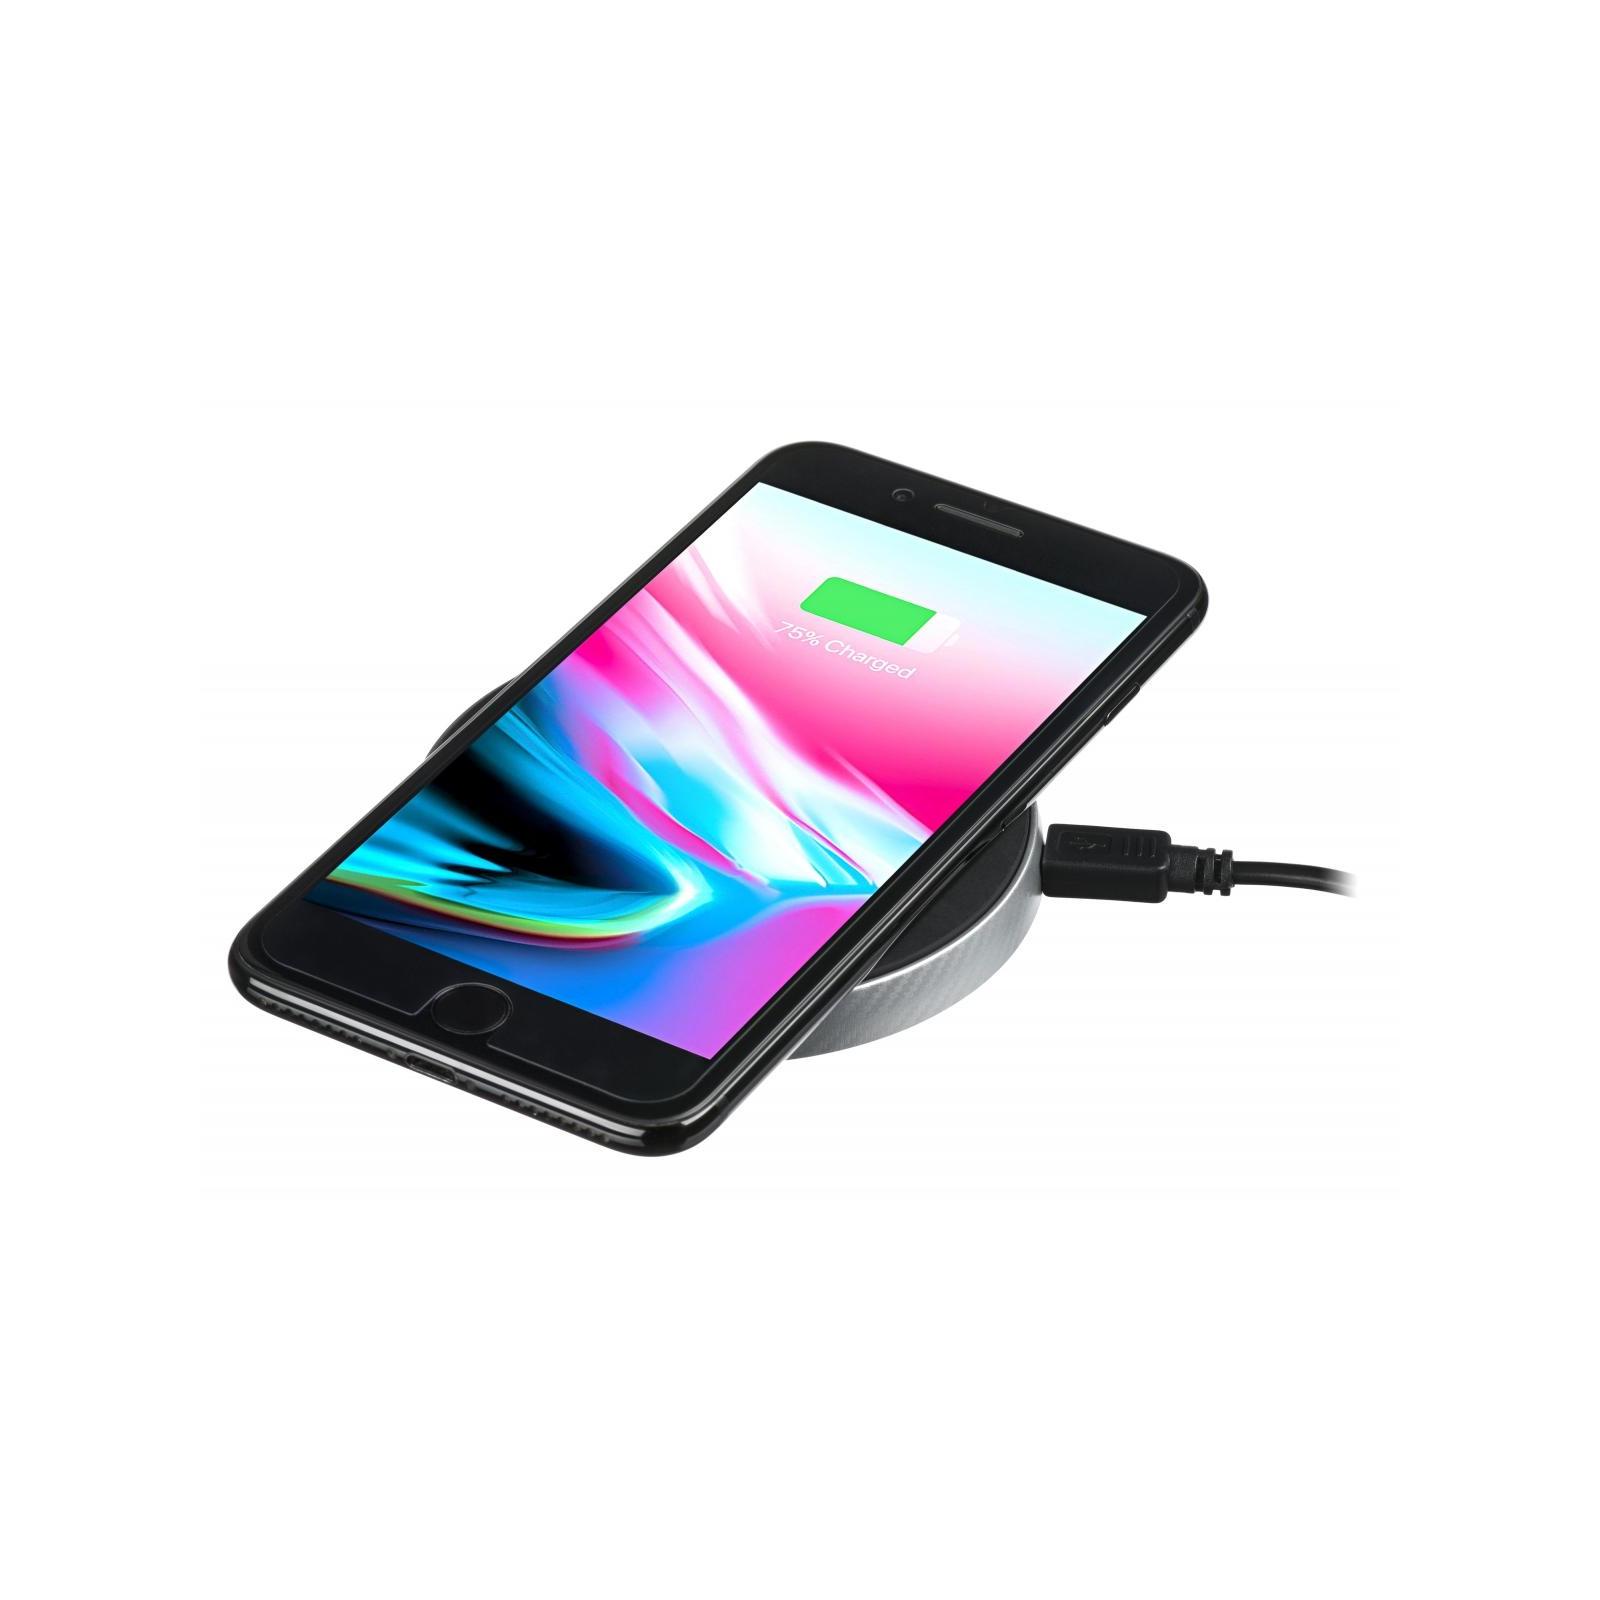 Зарядний пристрій 2E Wireless Charging Pad, 10W, black (2E-WCQ01-02) зображення 4